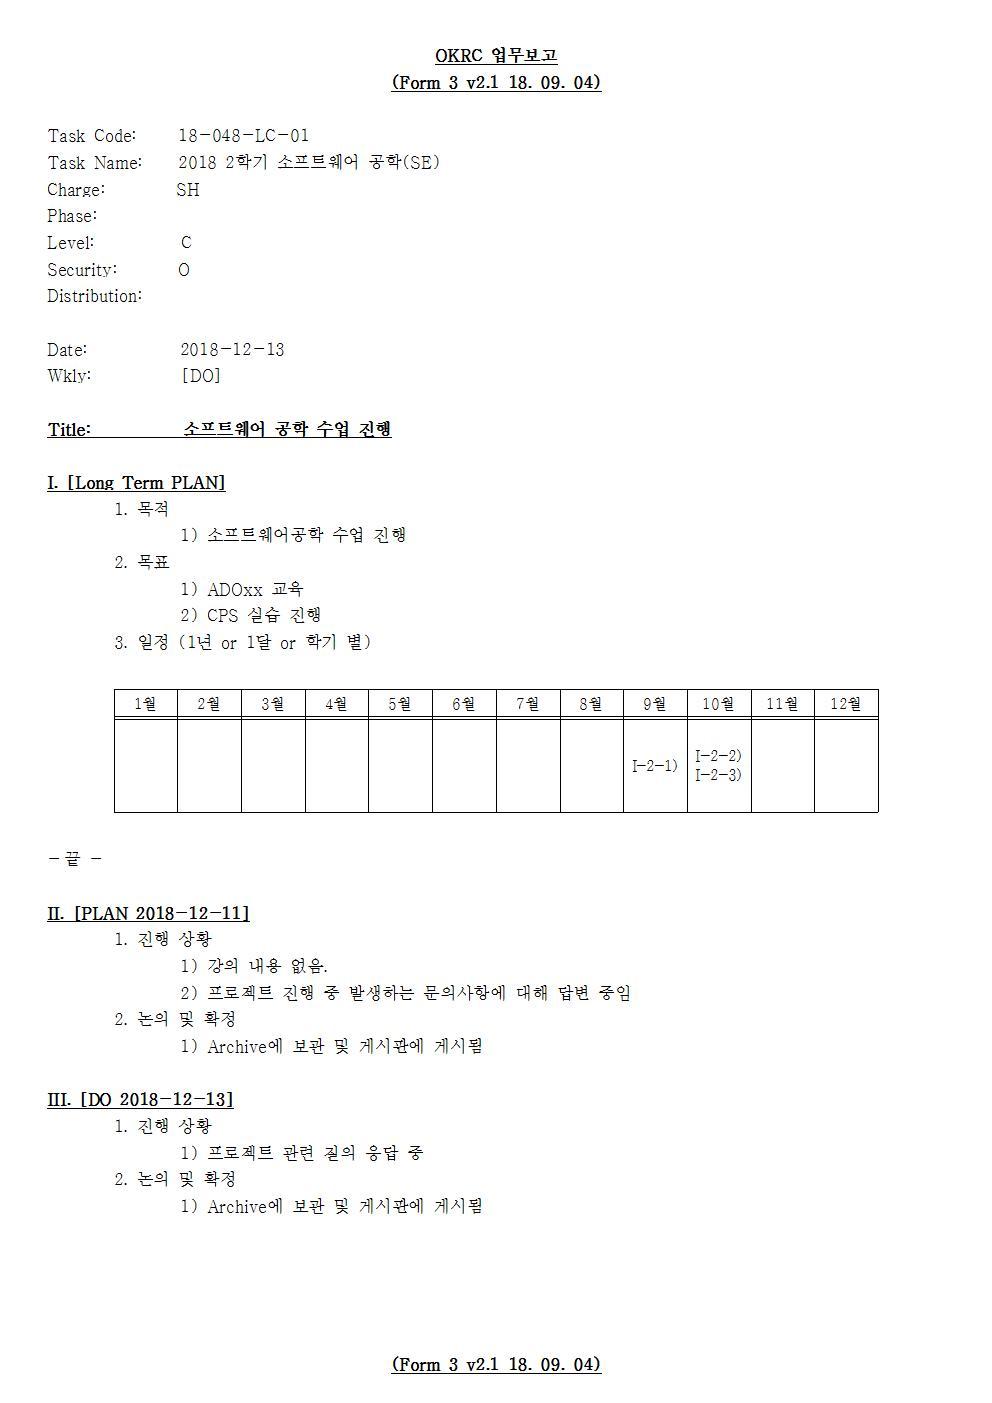 D-[18-048-LC-01]-[SE]-[2018-12-13][SH]001.jpg